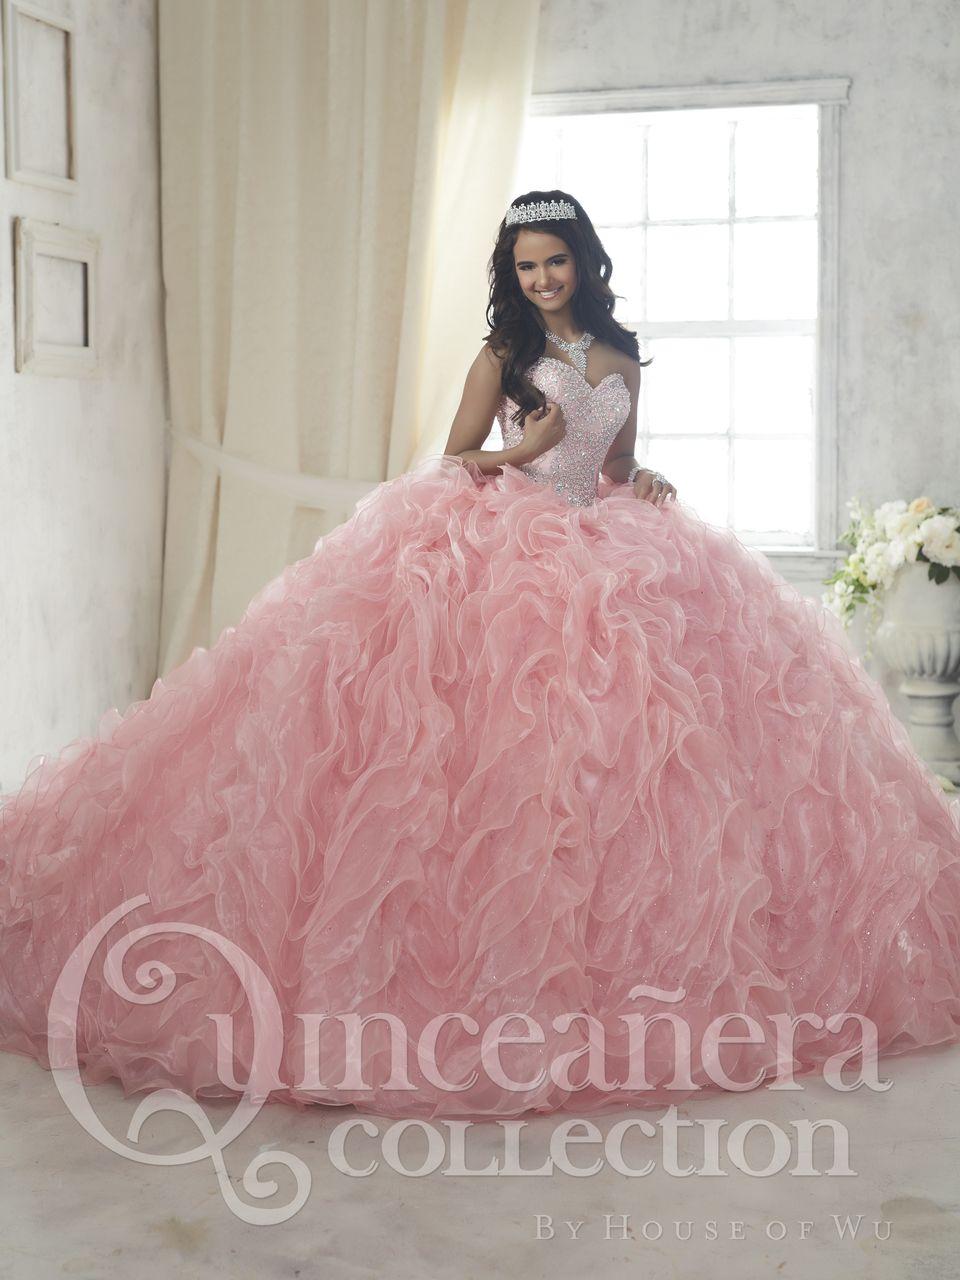 Quinceanera Dress #26848 | Vestiditos, Vestido de gala y Años